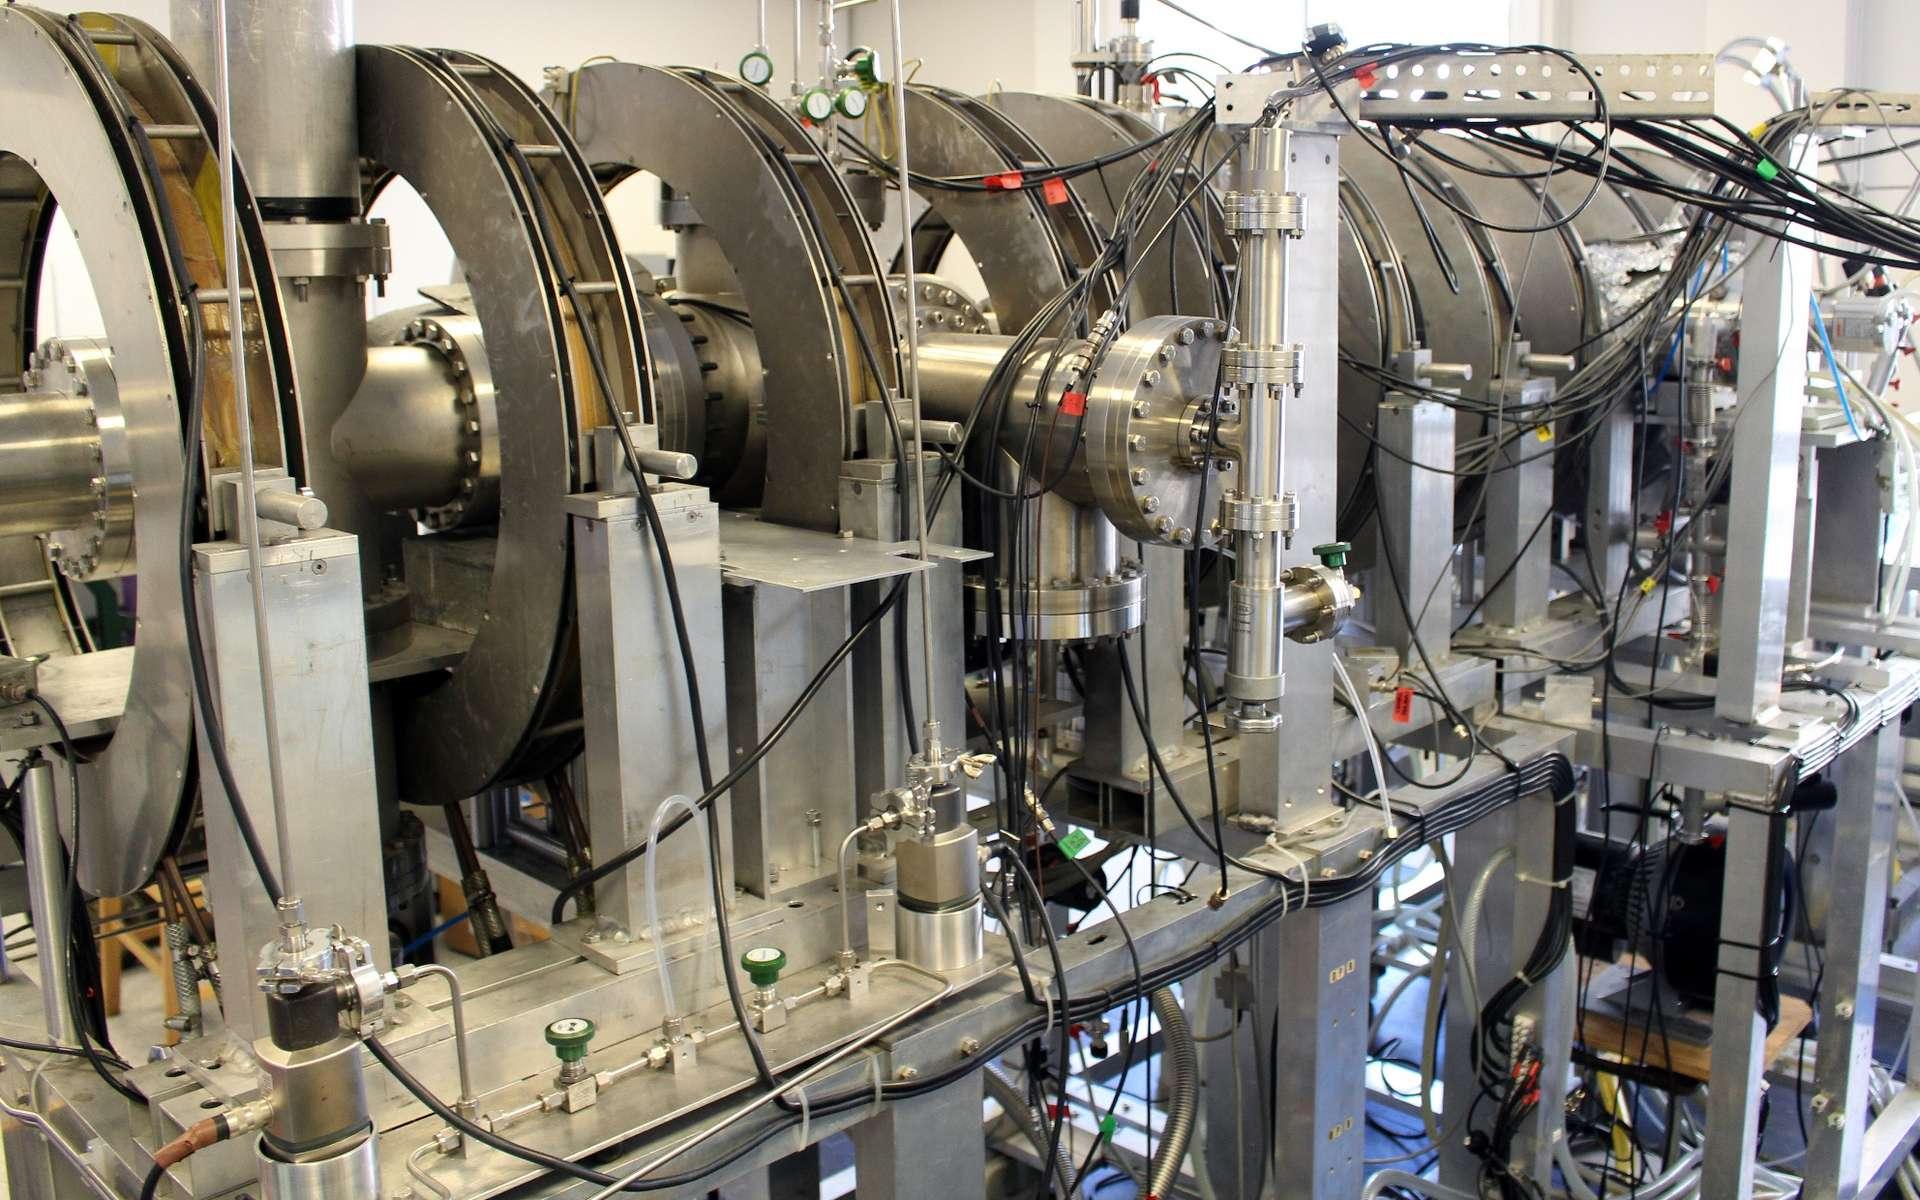 Une vue d'un dispositif servant à produire du positronium. © UCL Faculty of Mathematical & Physical Sciences, CC by-sa 2.0